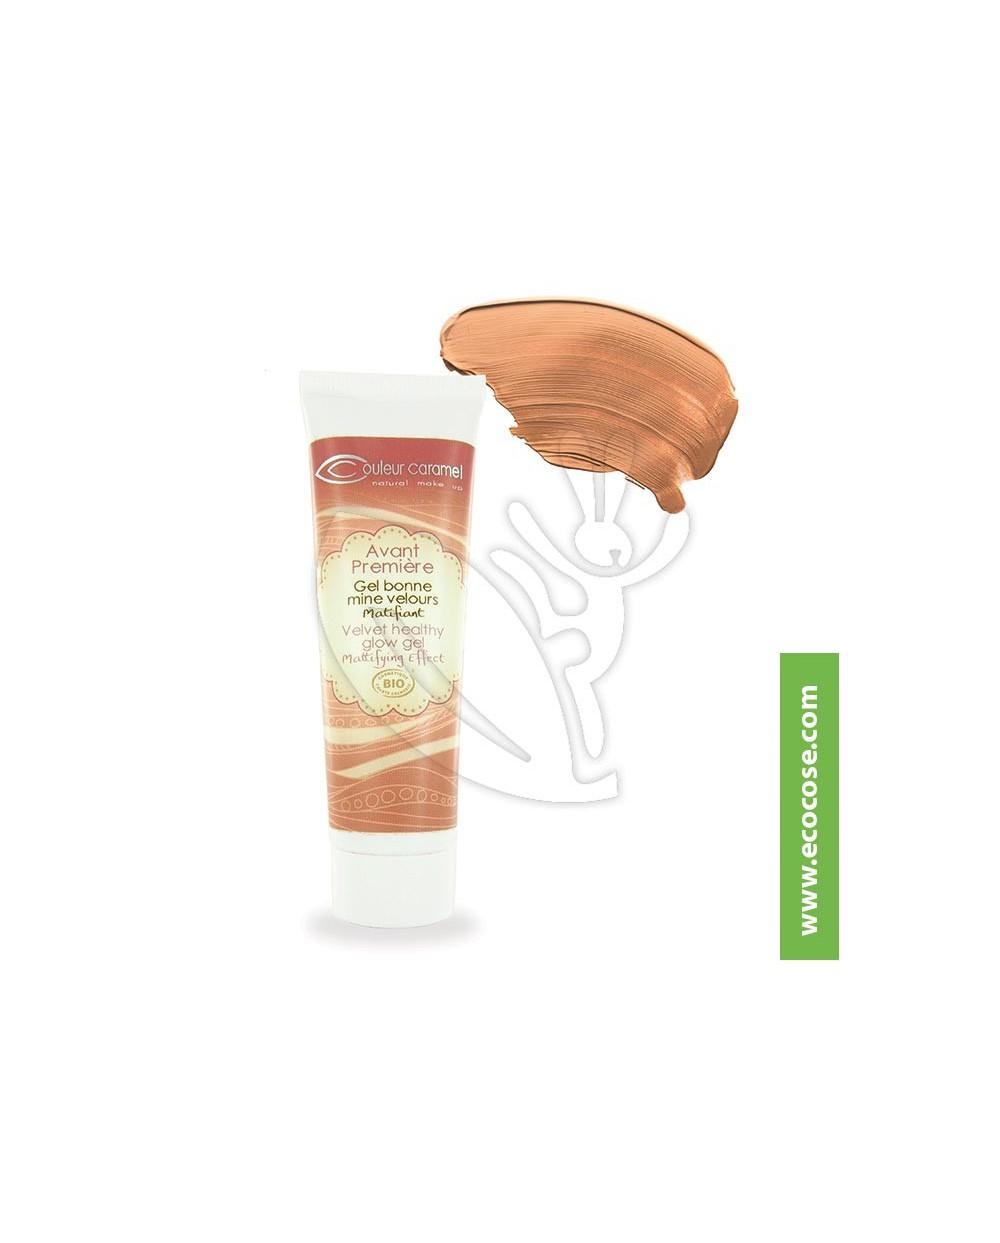 Couleur Caramel - Avant première Gel Bonne Mine Velours - Caramel 63